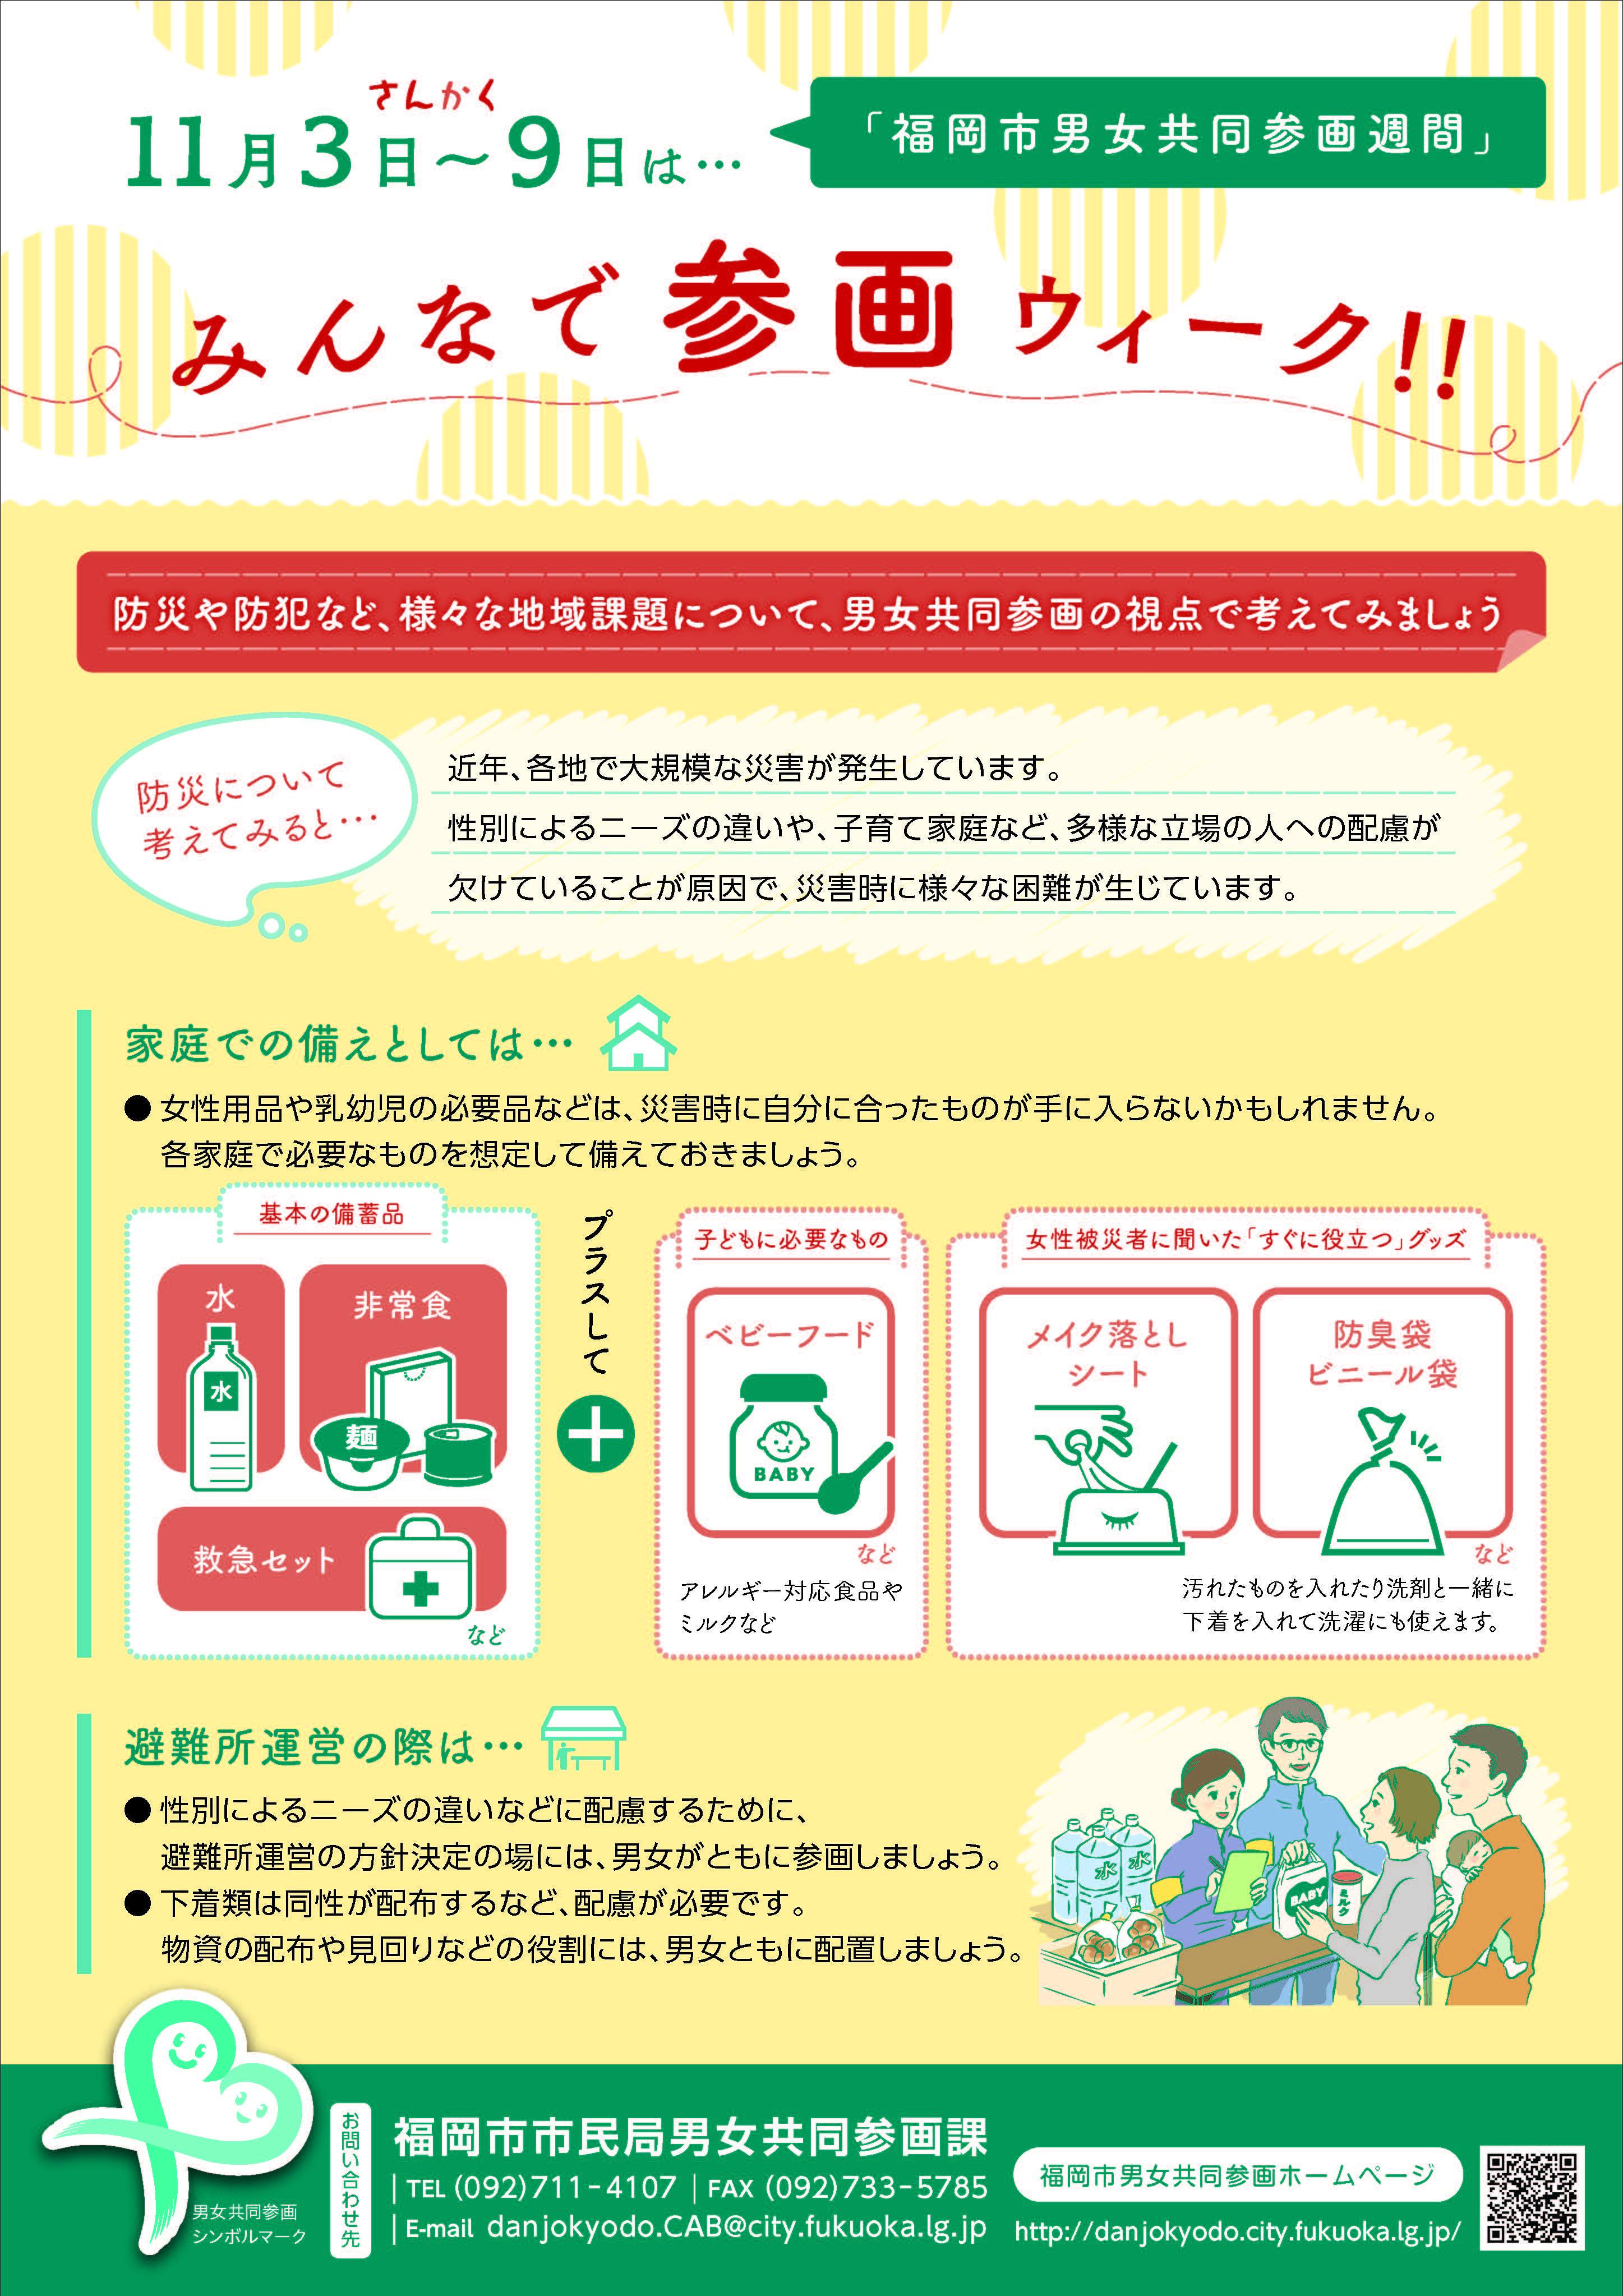 みんなで参画ウィーク【チラシ 平成30年度)